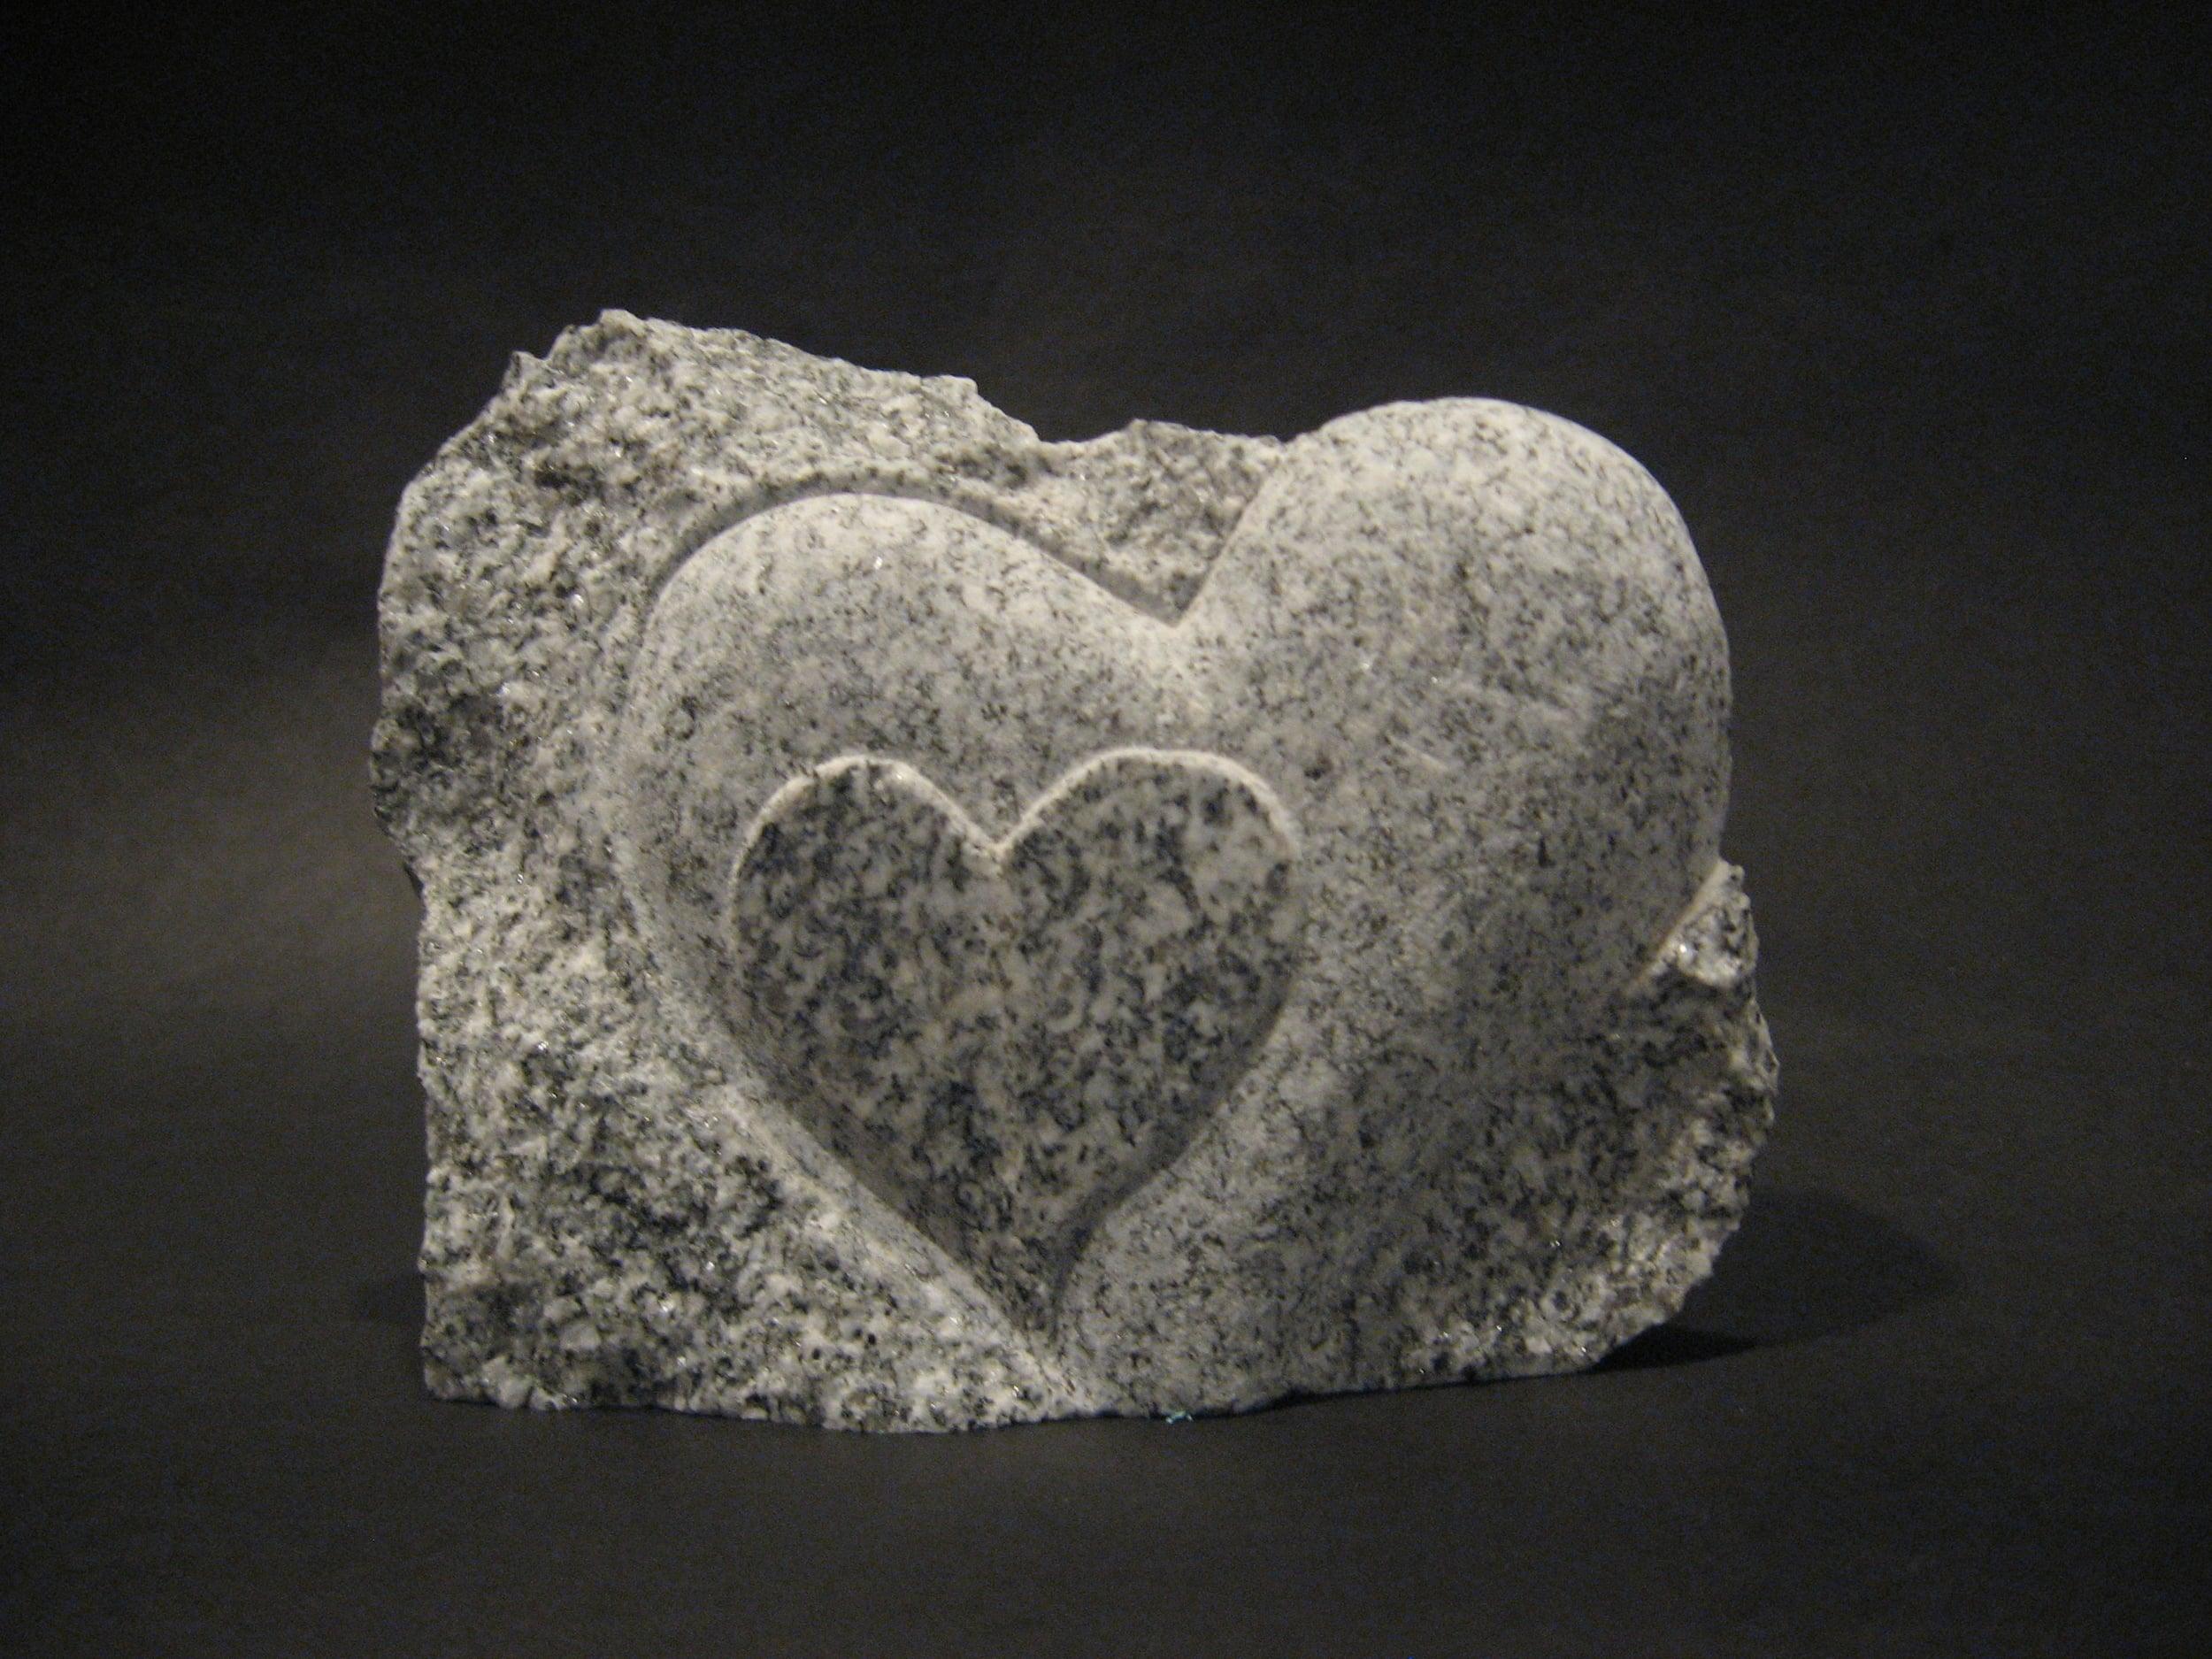 barre double heart 001 - Copy.JPG